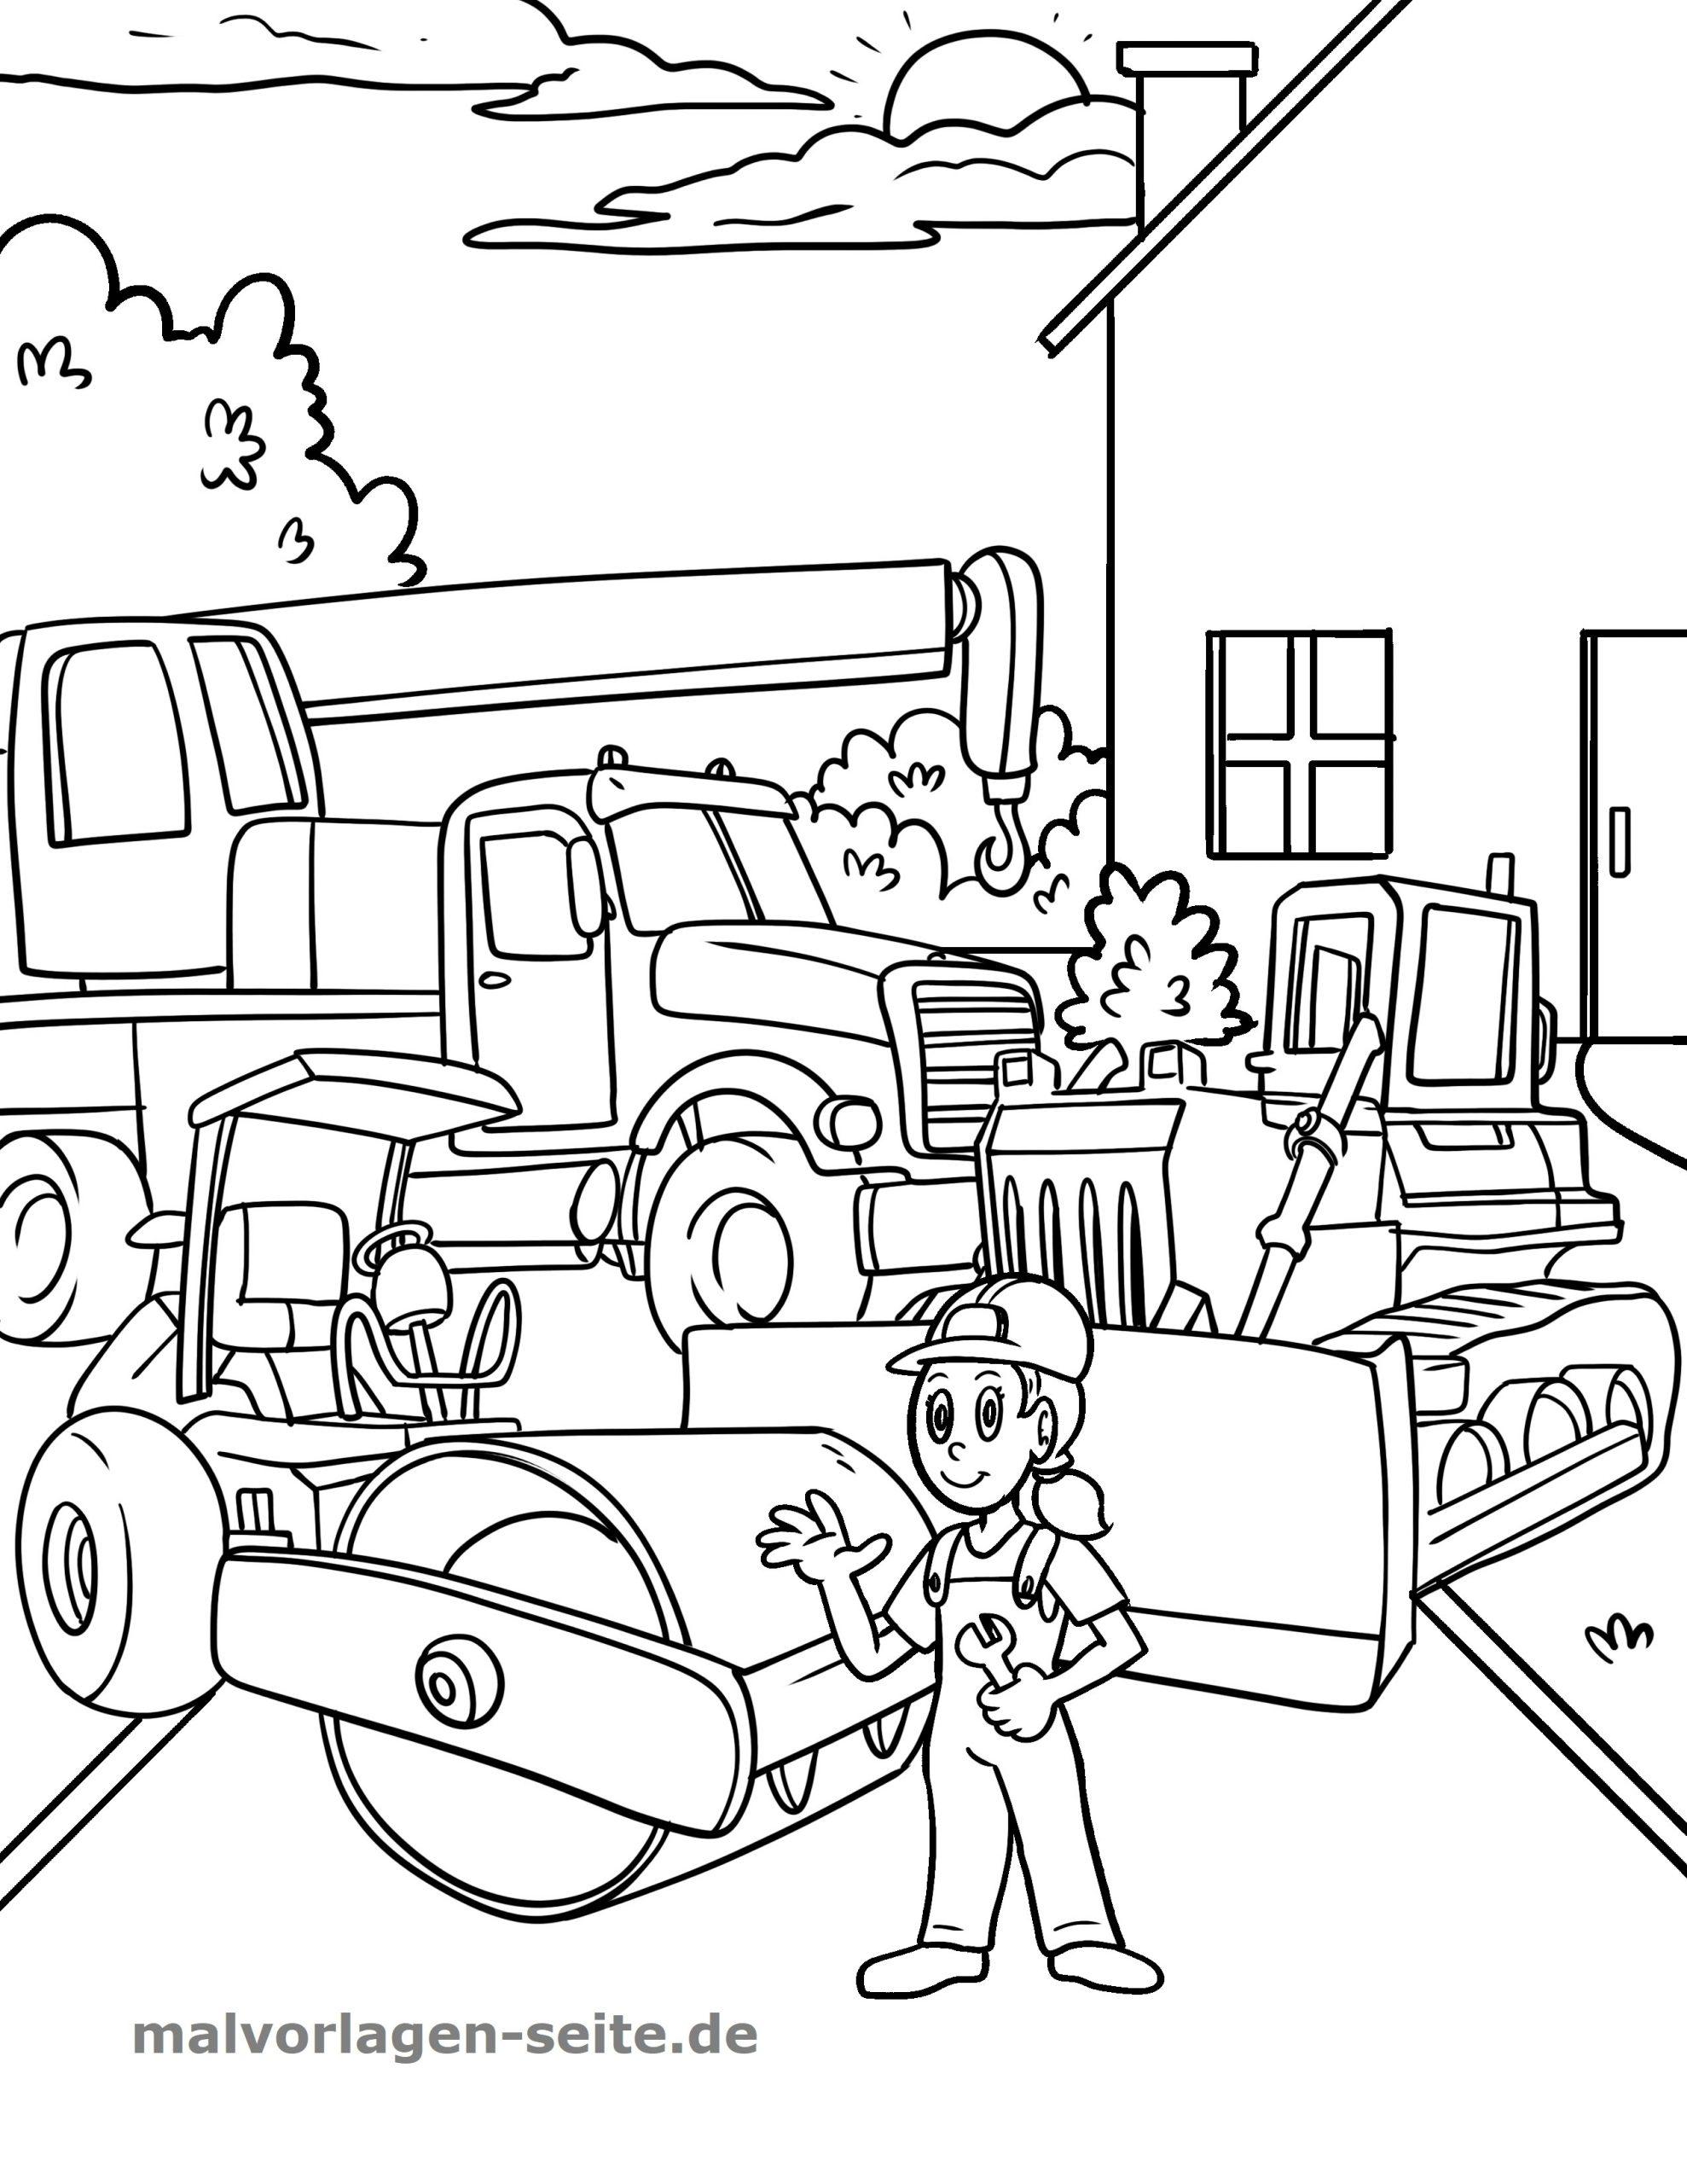 Malvorlage Baustelle - Ausmalbilder Kostenlos Herunterladen bei Baustelle Ausmalbilder